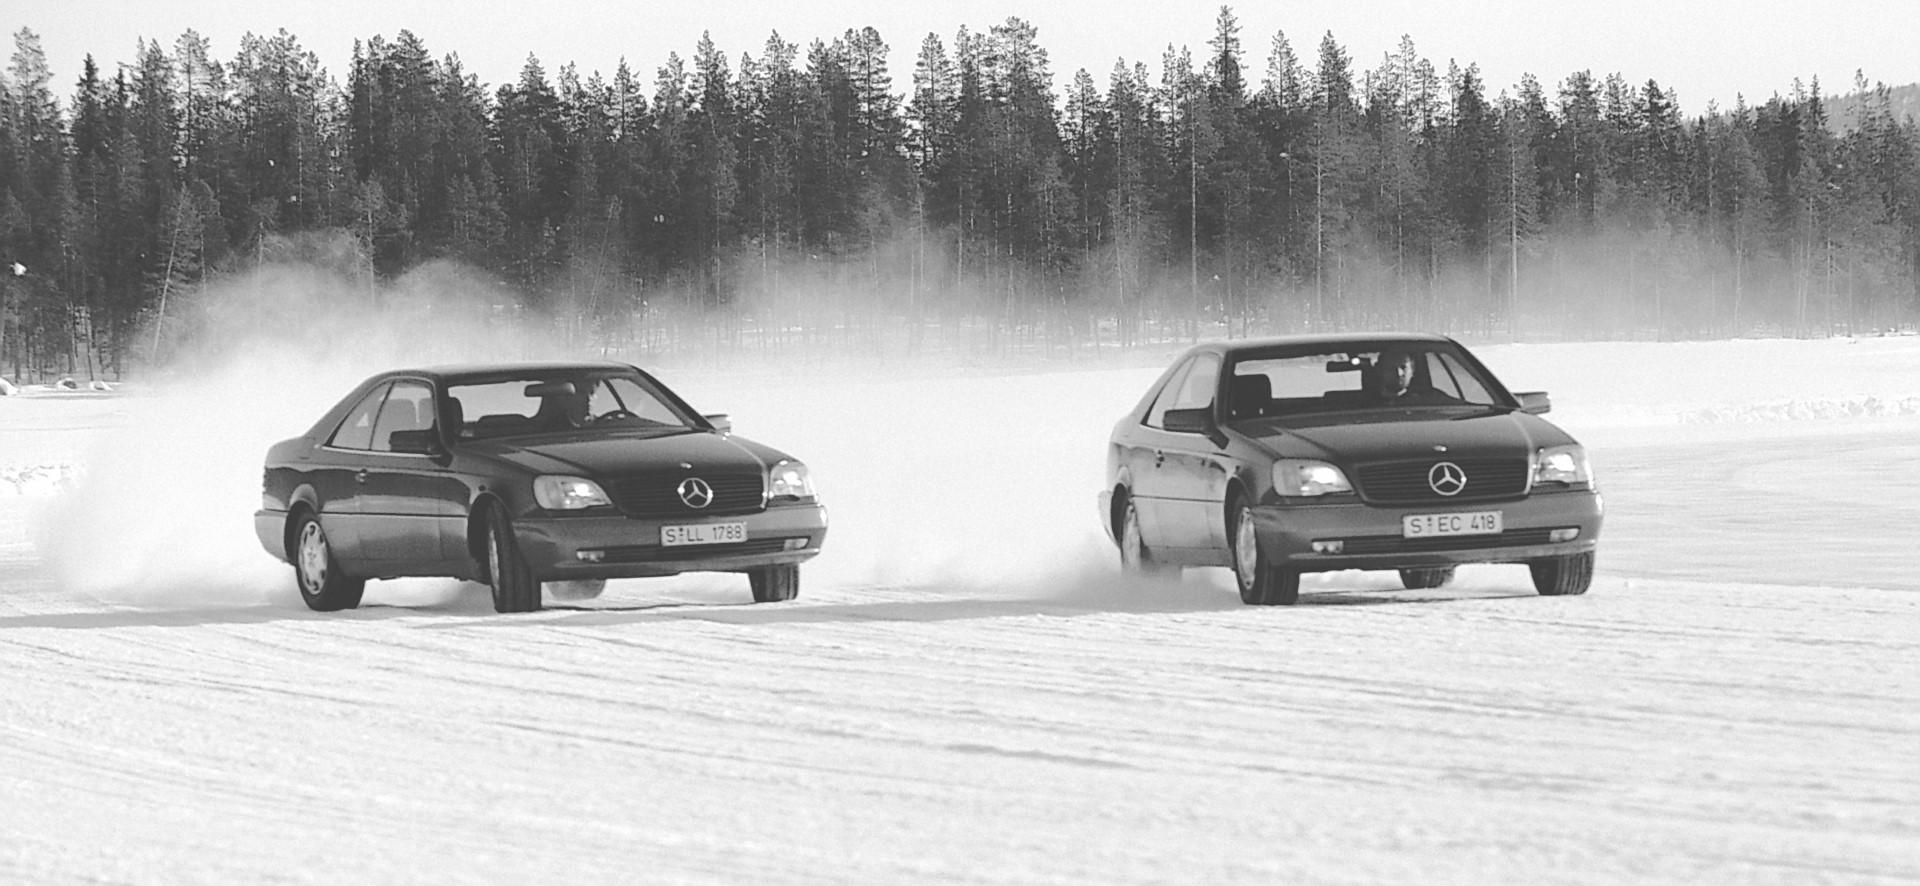 Die Wirkung des ESP zeigen beide Fahrzeuge sehr deutlich.